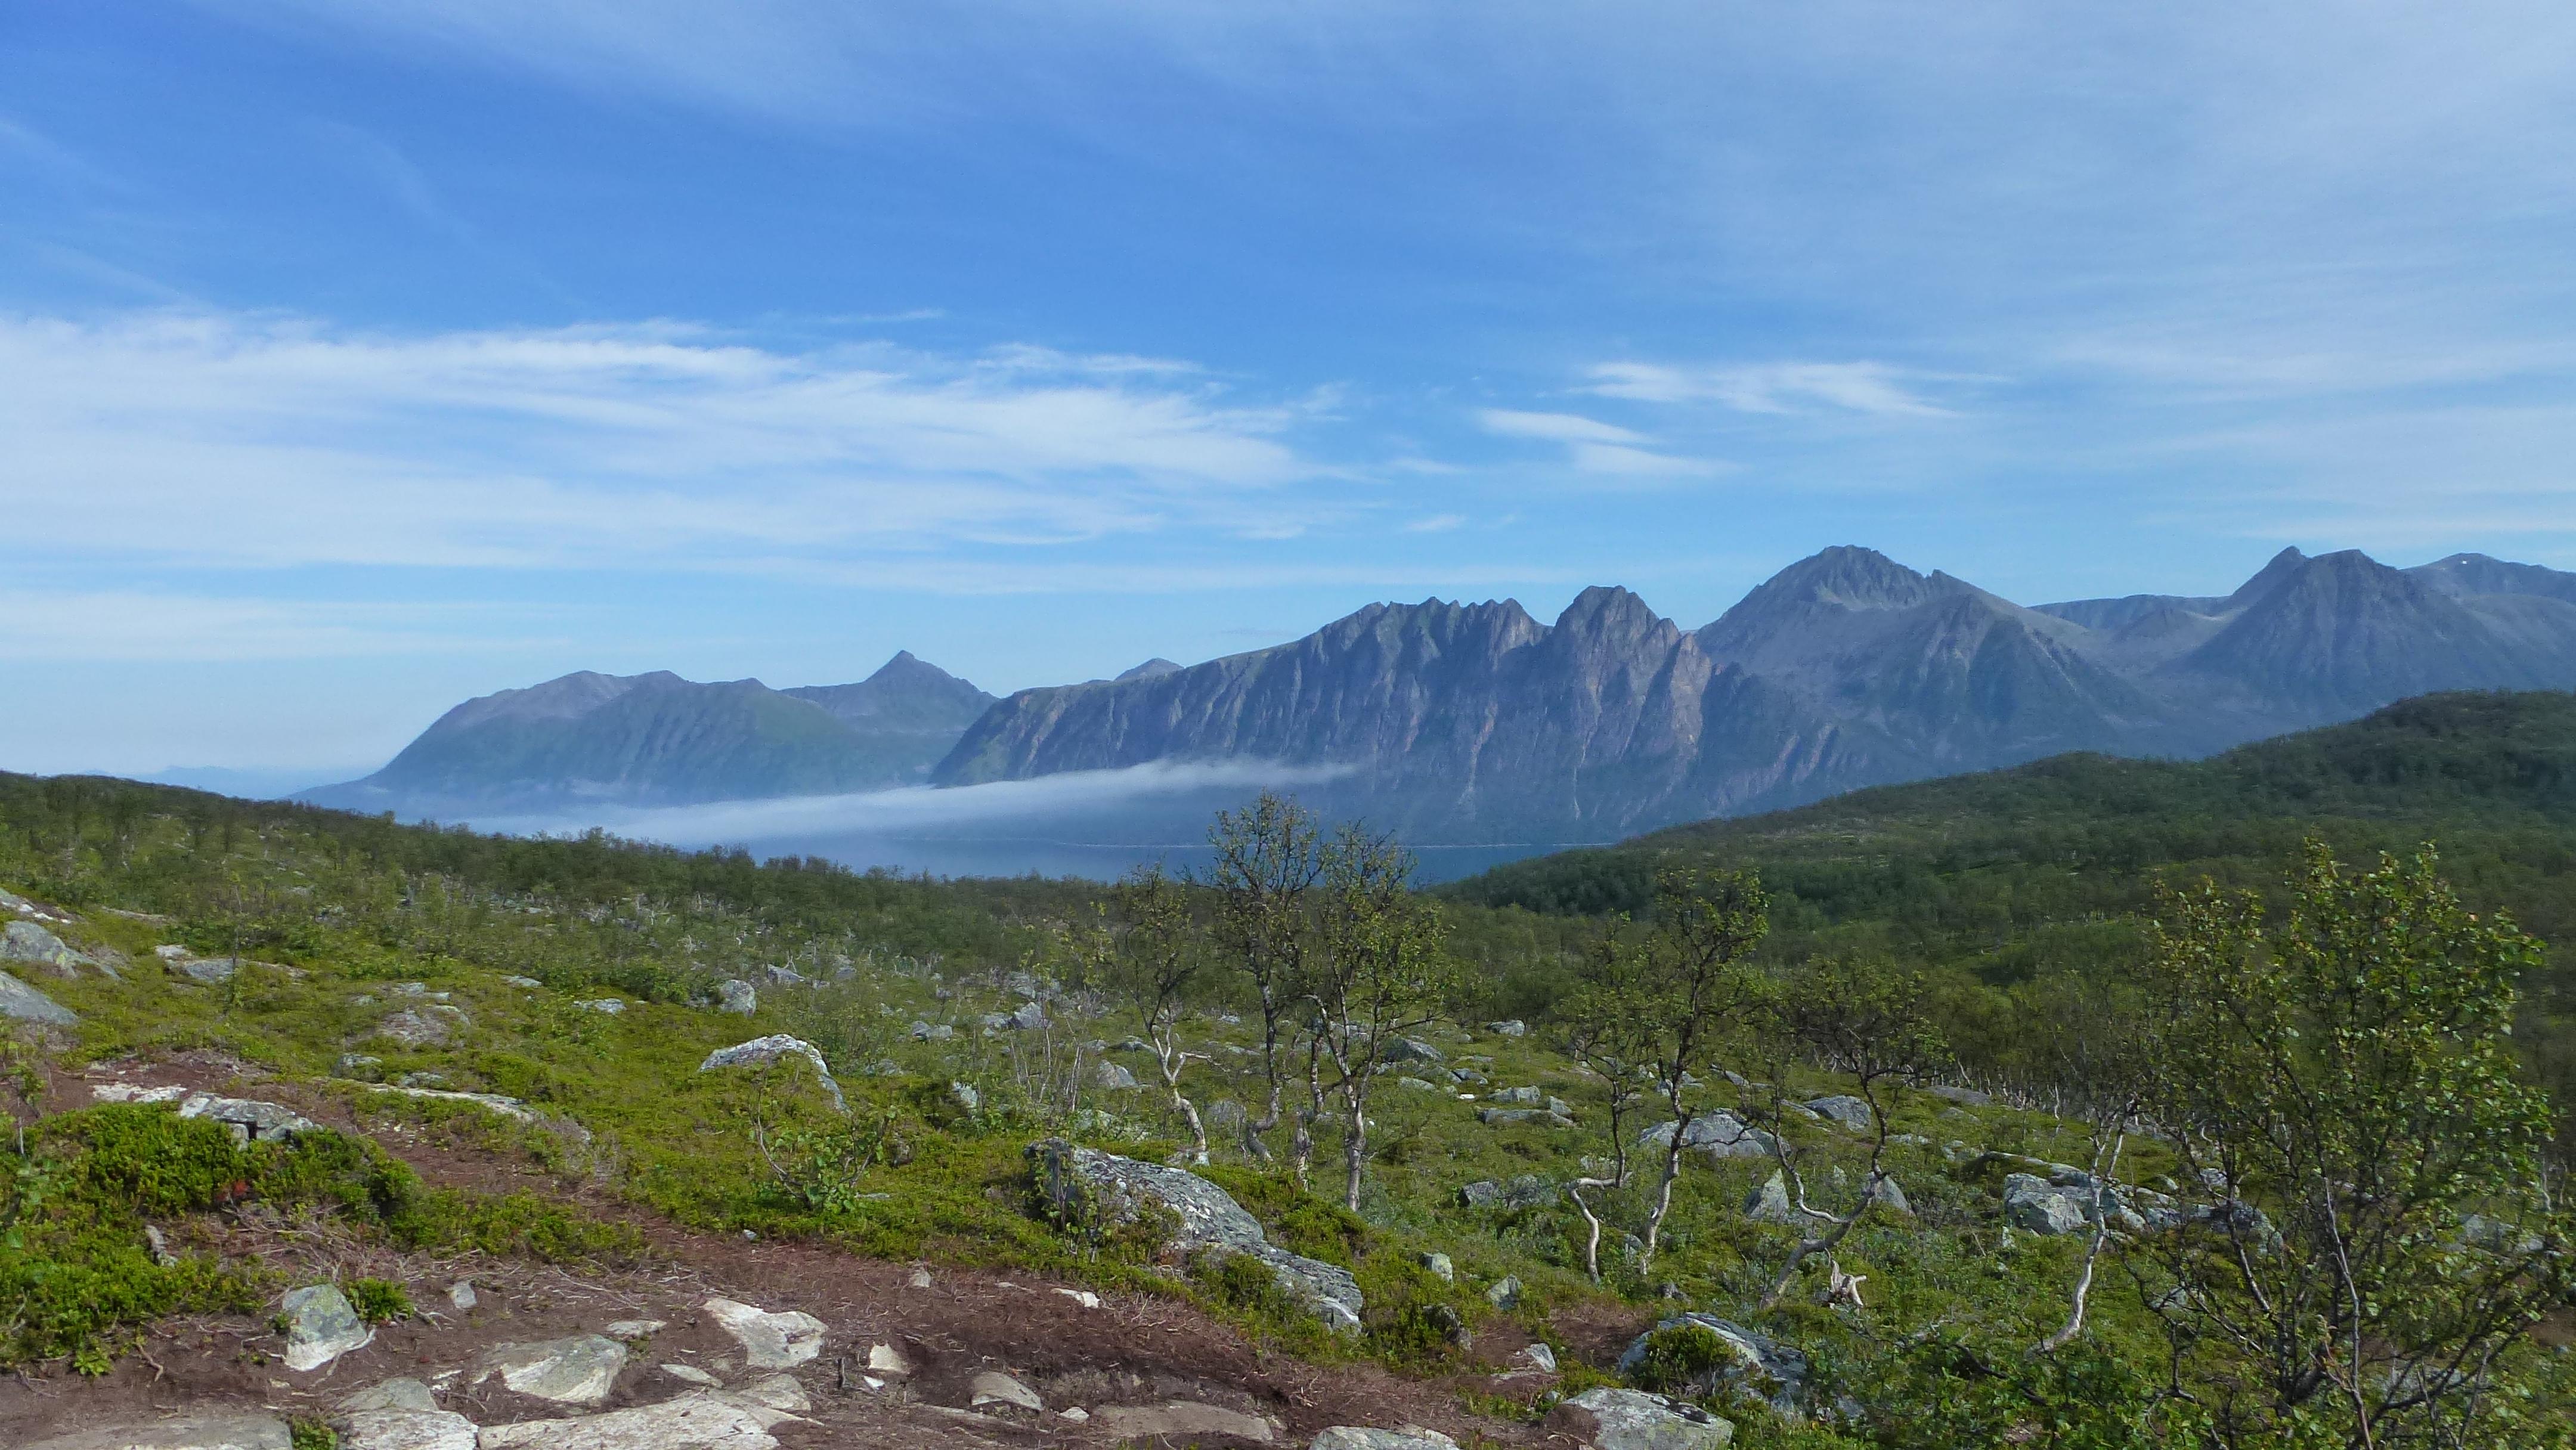 Berg Kjeipen nördlich von Harstad